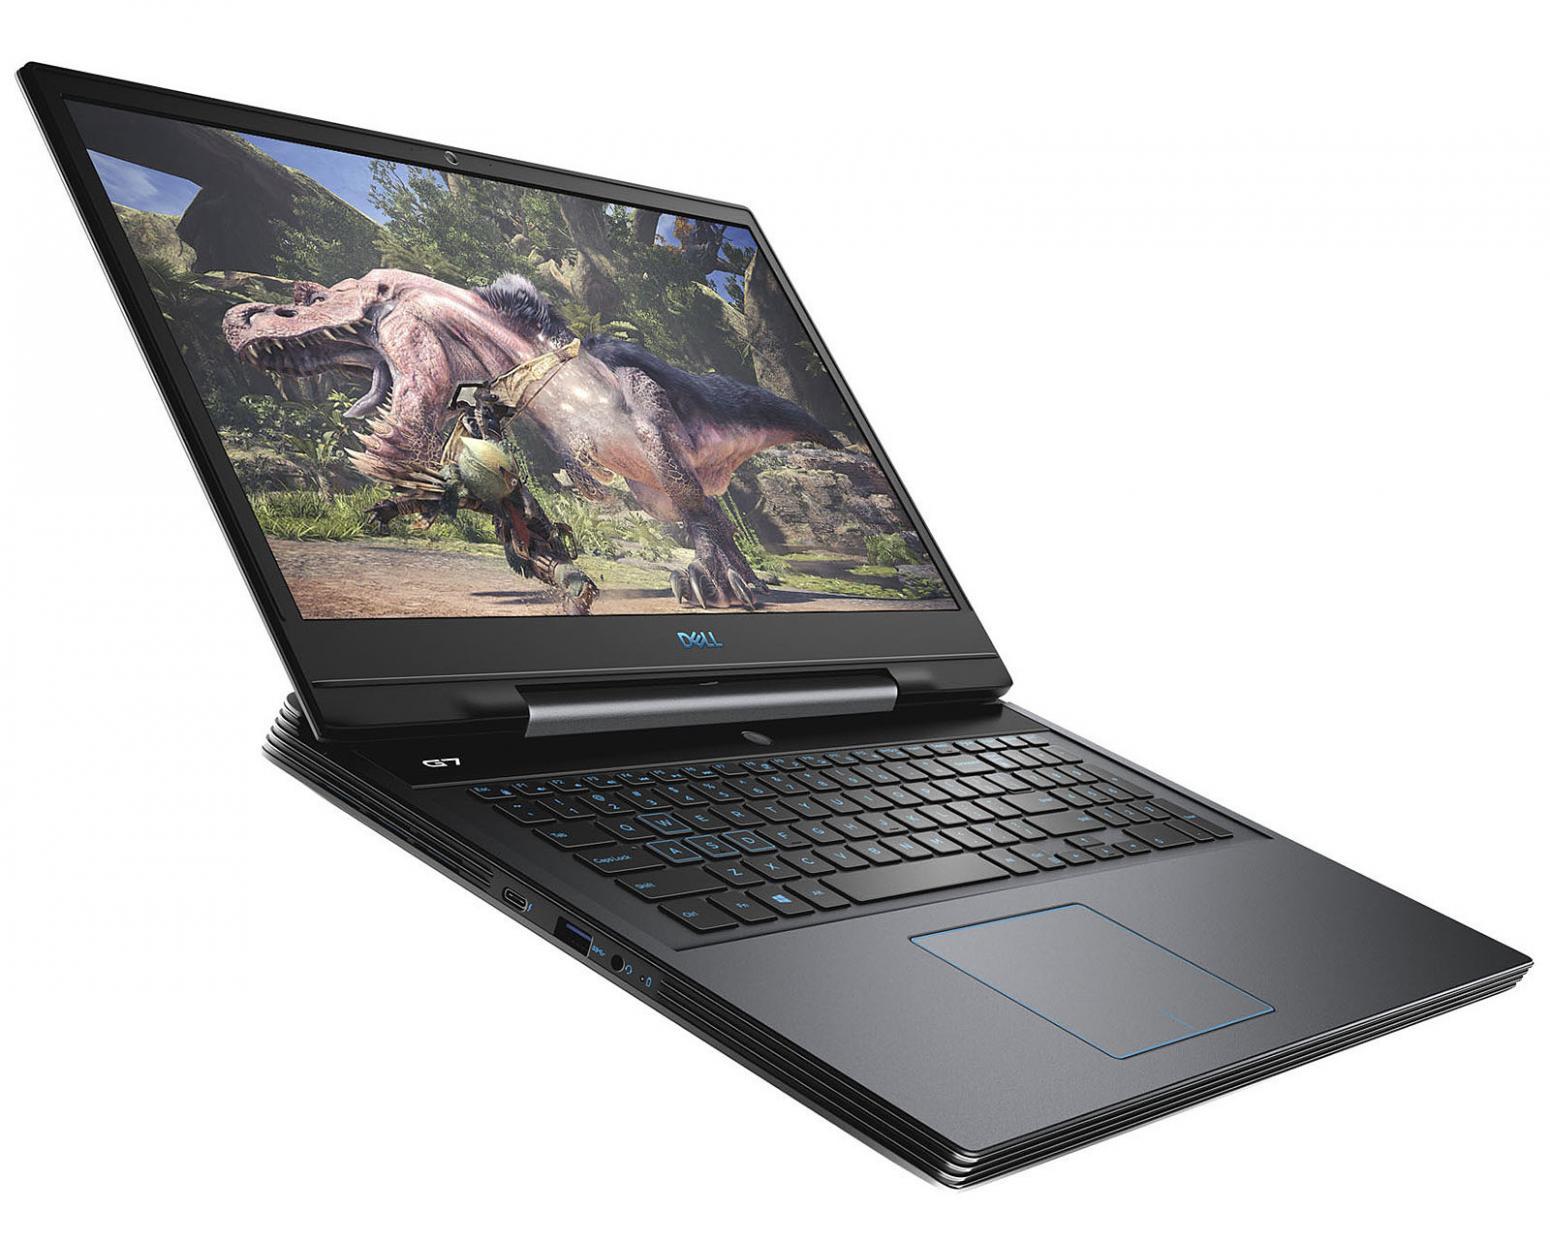 Image du PC portable Dell G7 17 7790 (29D8X) Noir - RTX 2060, Hexa Core i7